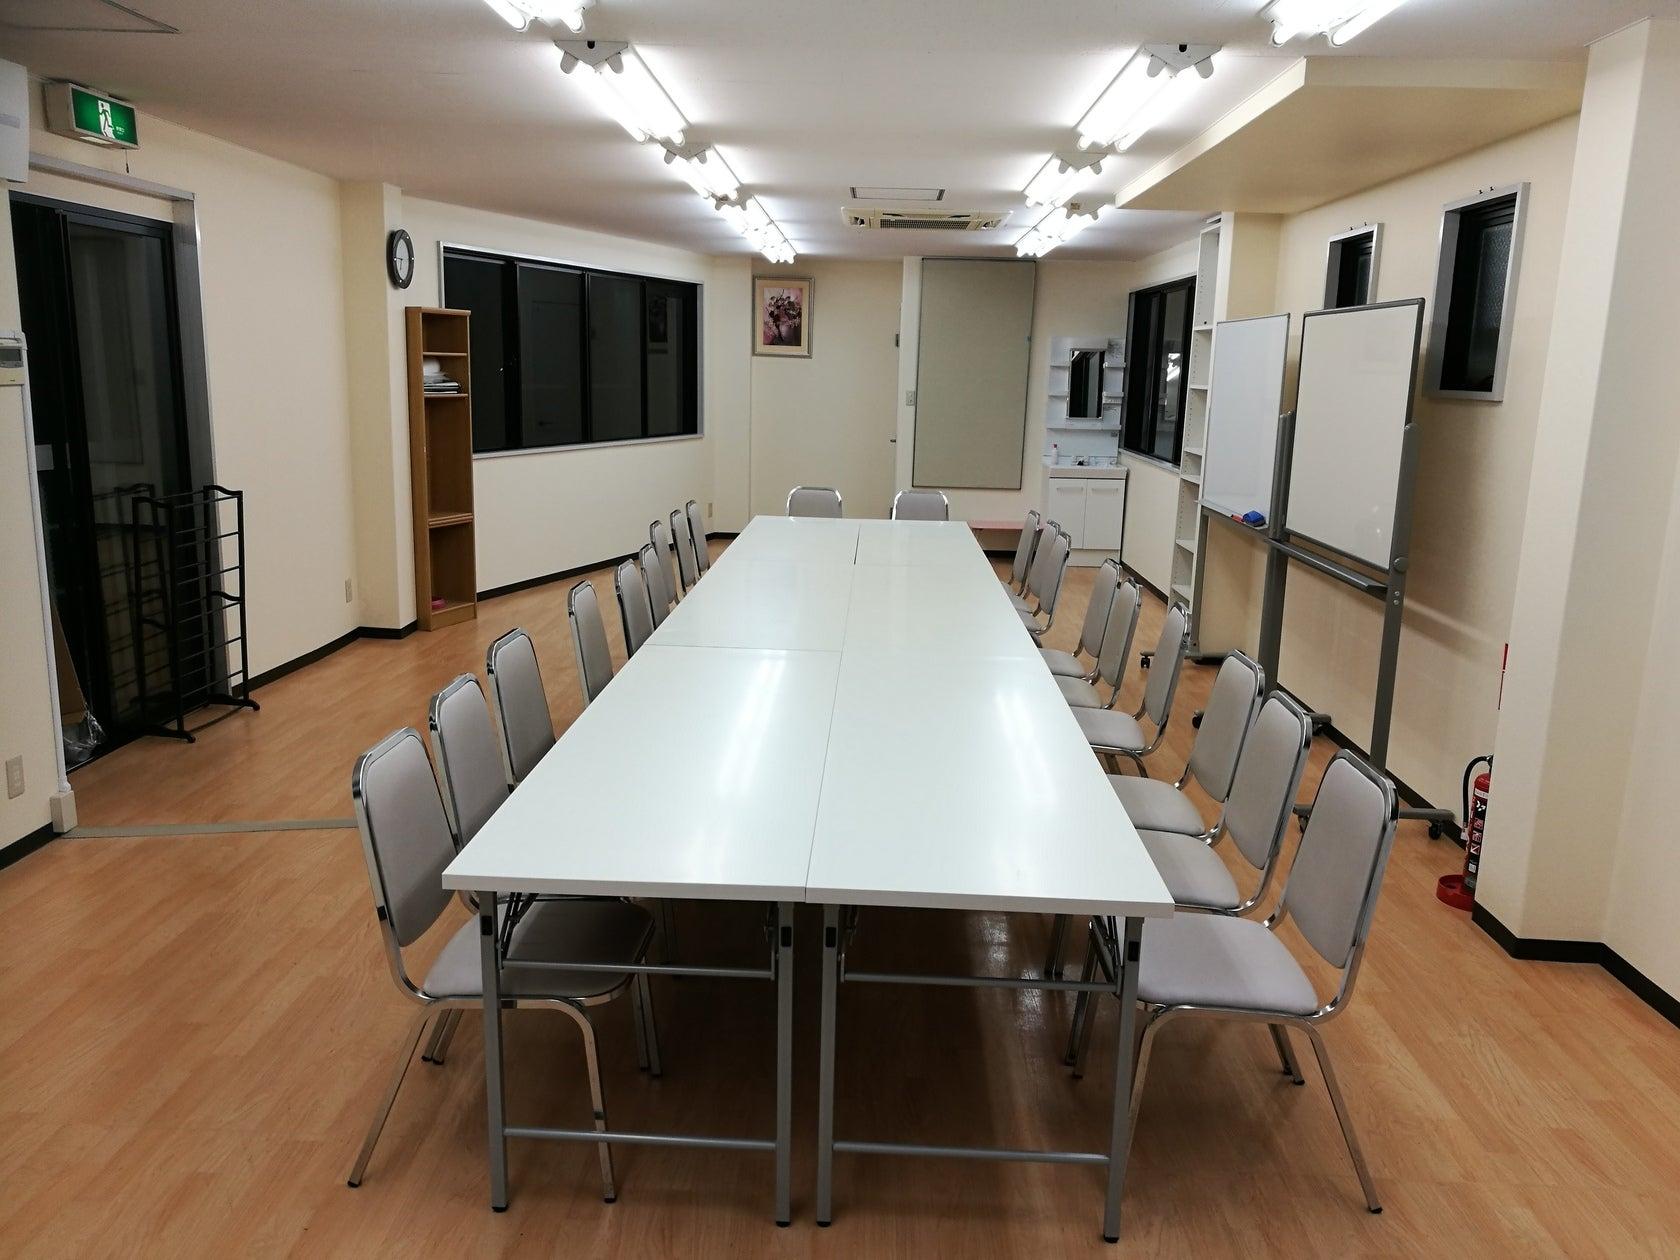 会議や教室に最適!ホワイトボード、長机、椅子、冷蔵庫、シンク完備。(レンタルスペースMontblanc (モンブラン)) の写真0